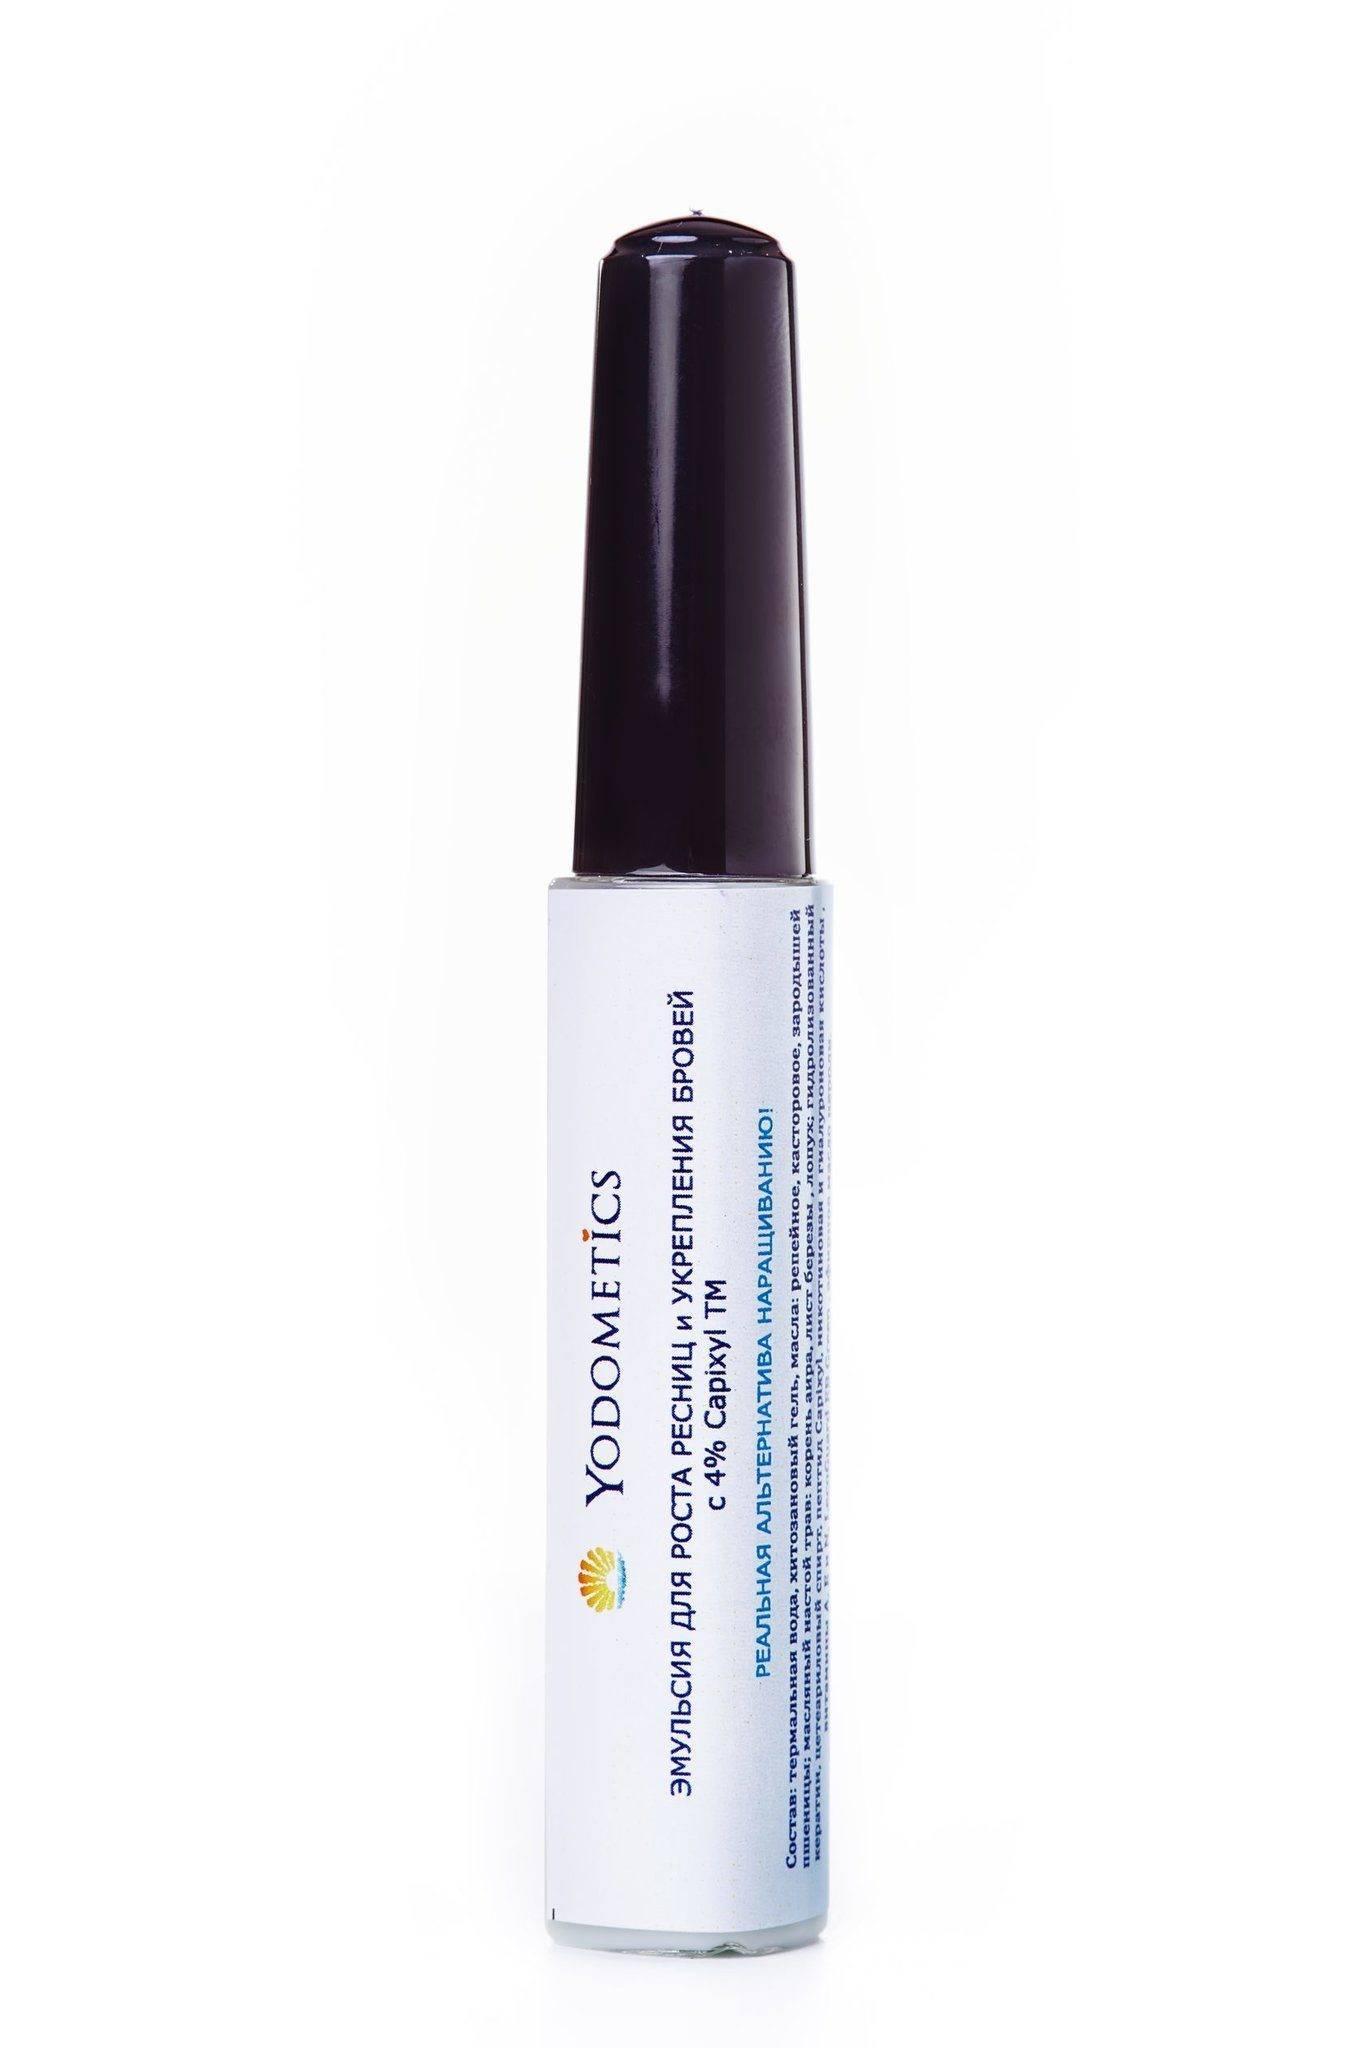 Касторовое масло для роста ресниц и бровей: применение и отзывы